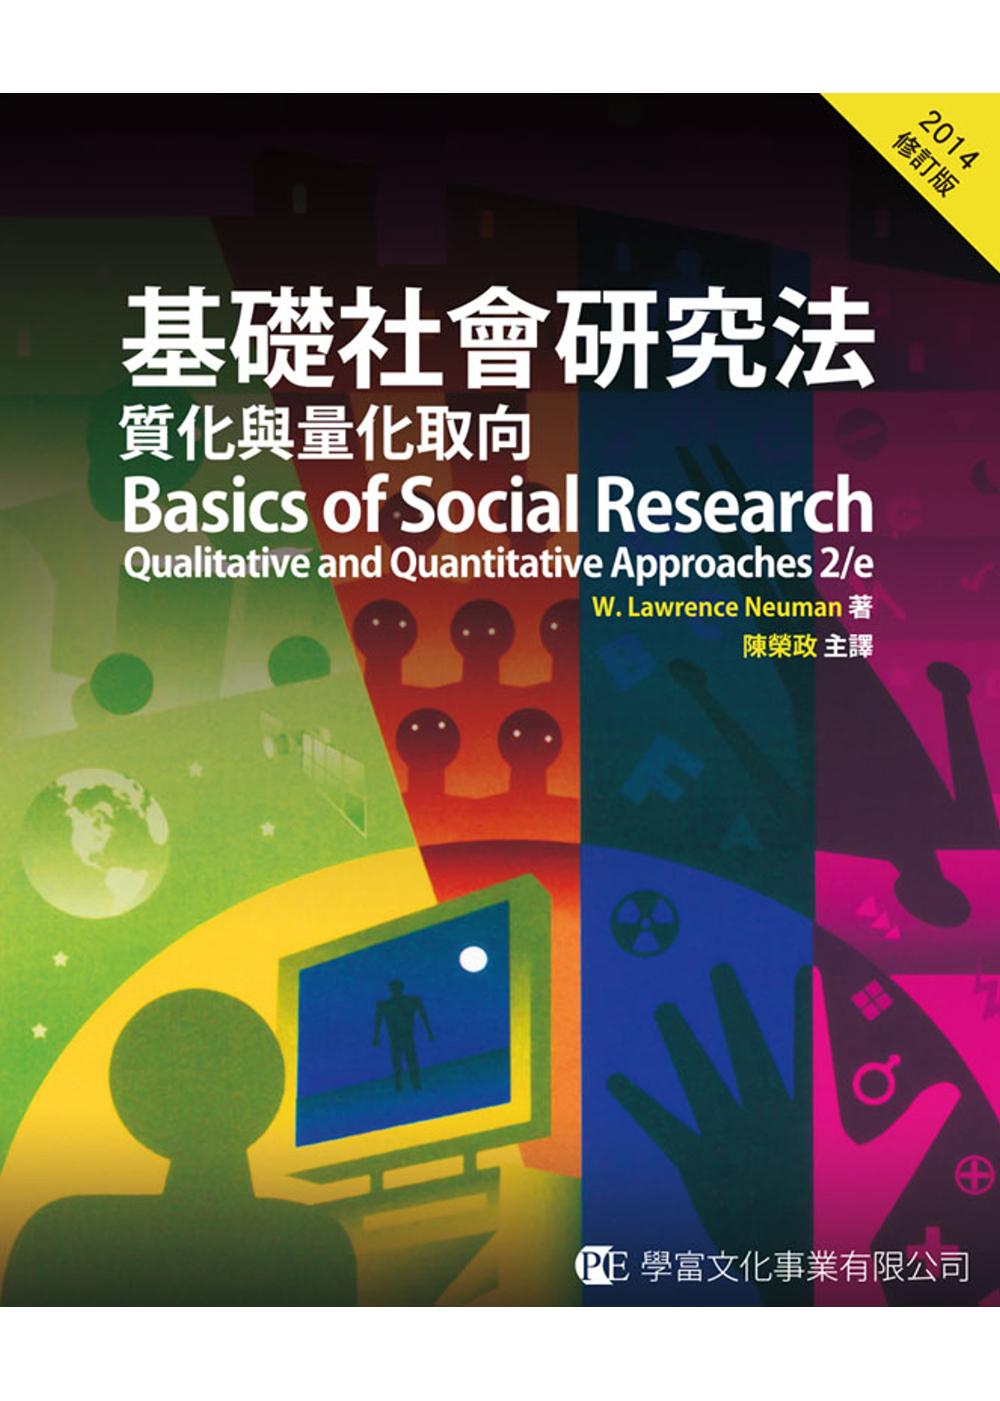 基礎社會研究法:質化與量化取向(修訂版)